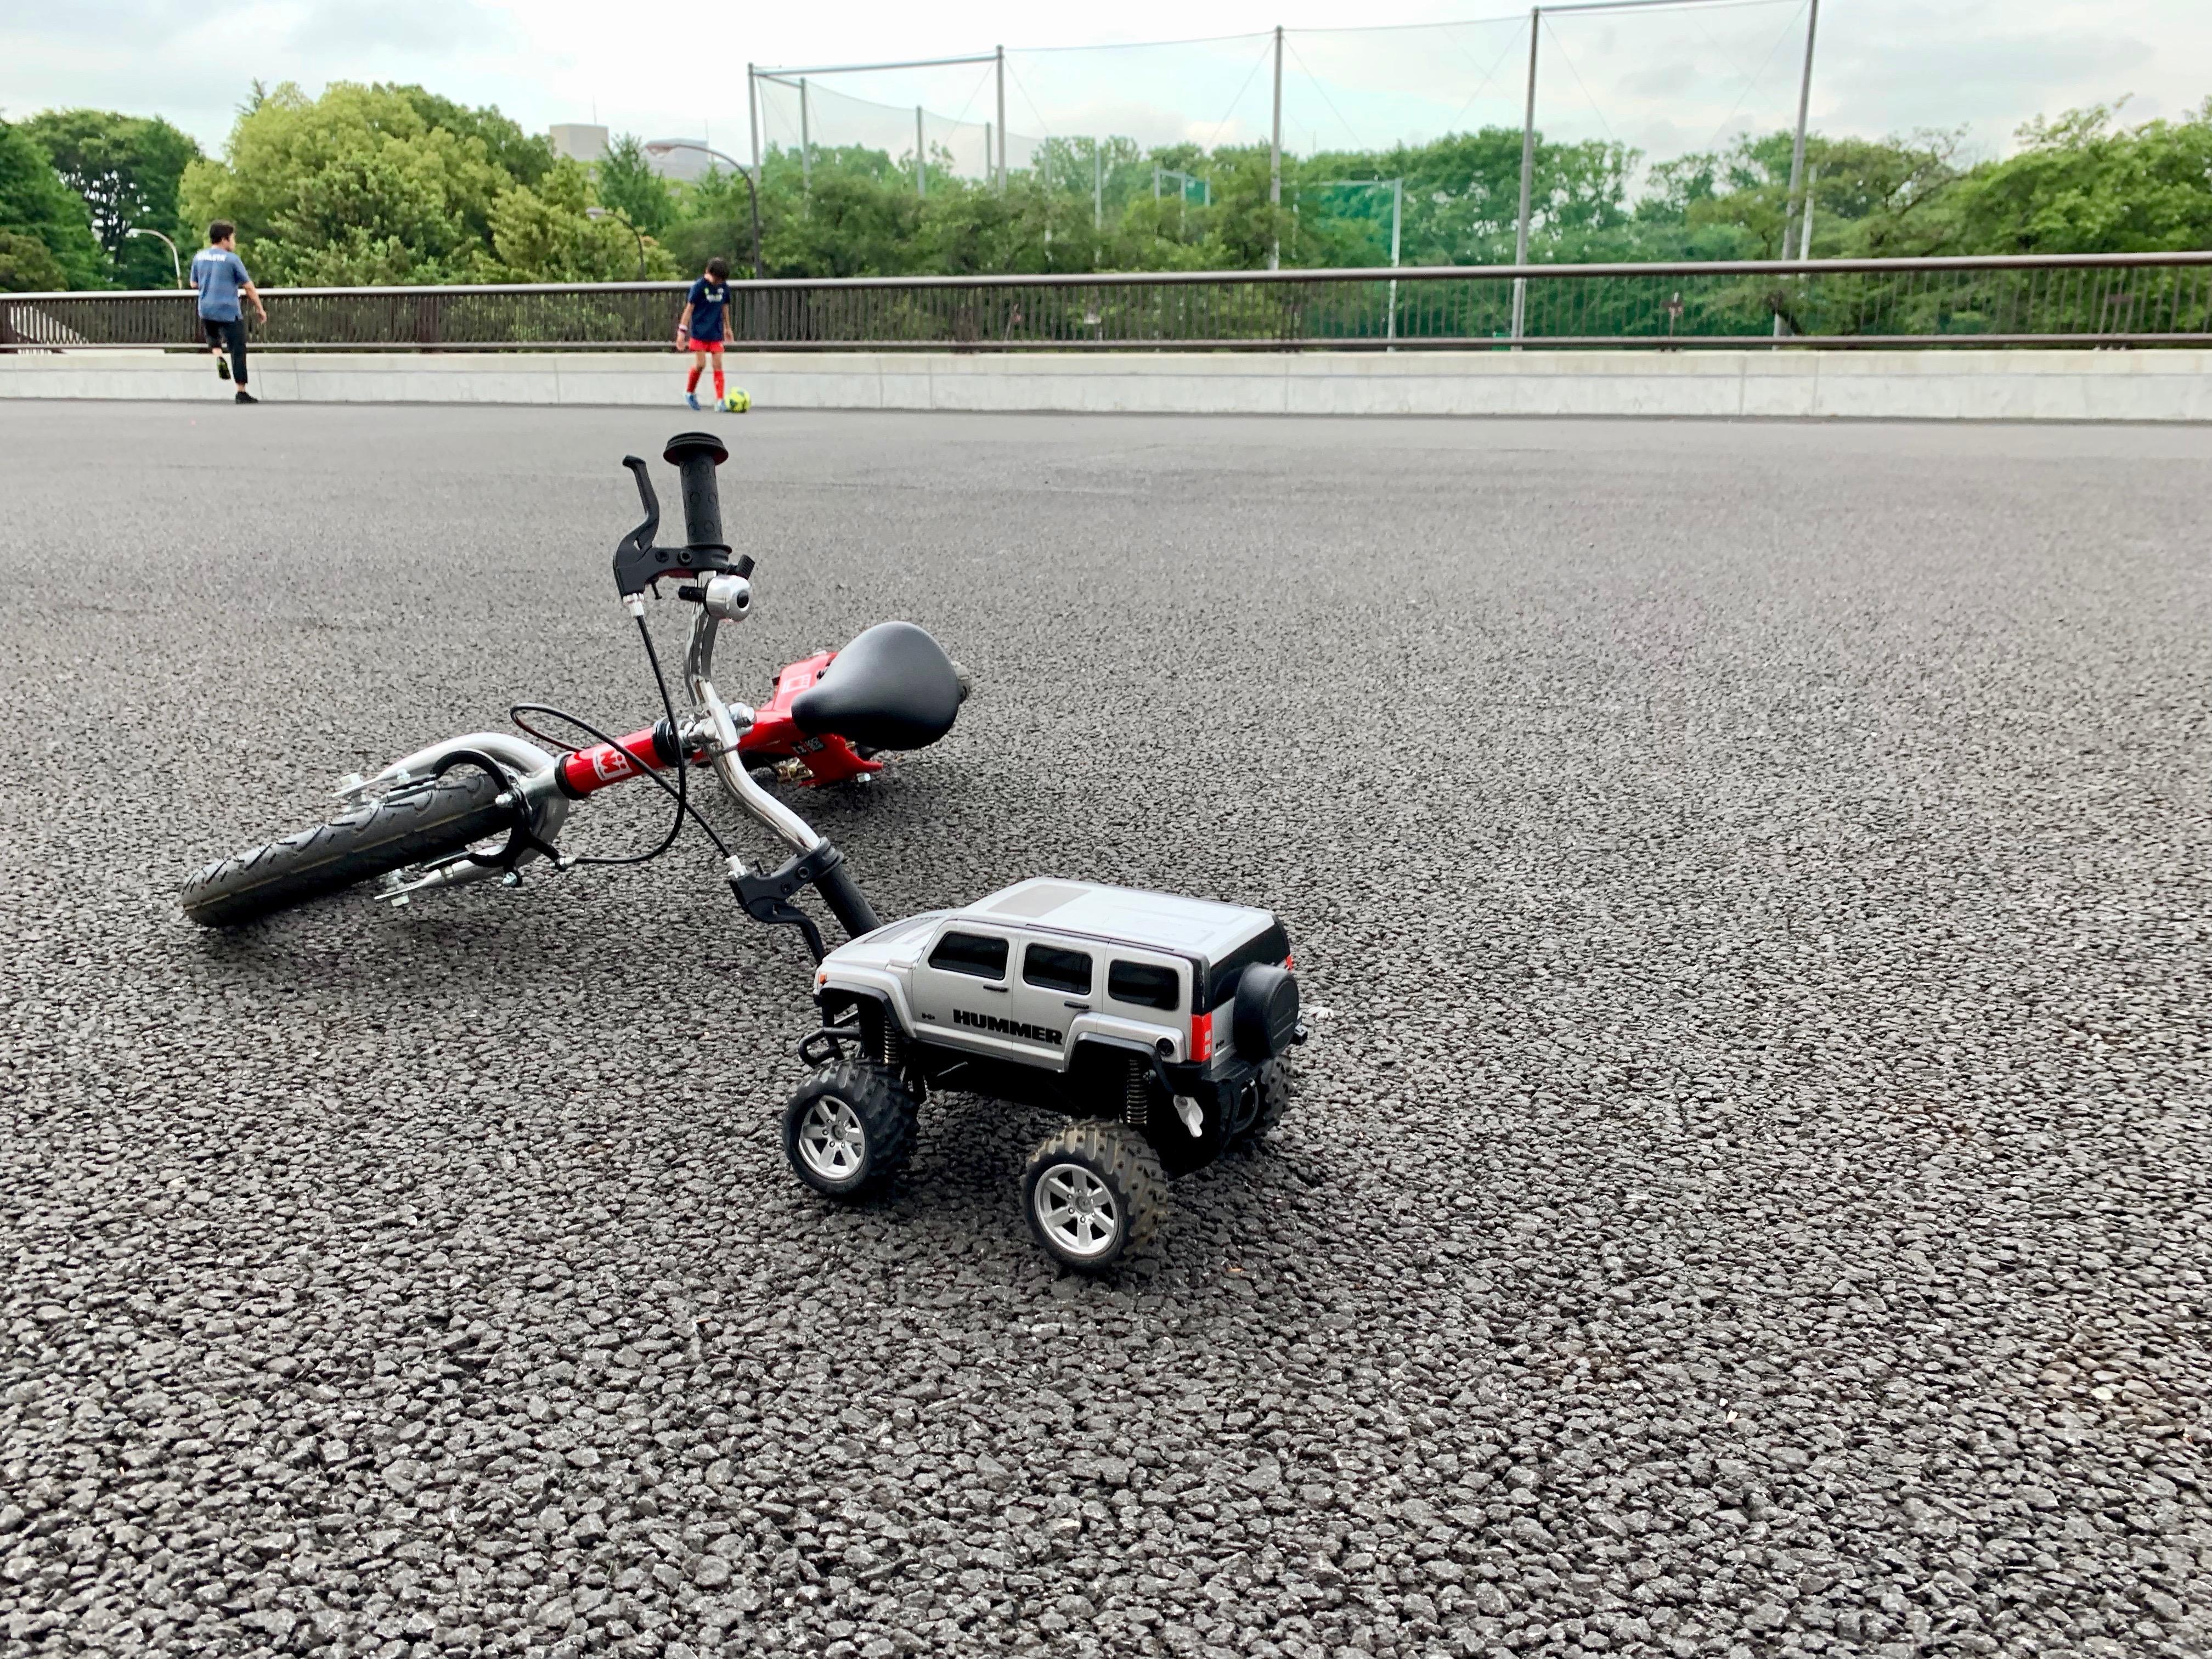 八雲図書館での紙芝居〜駒沢公園でのhenshin bike